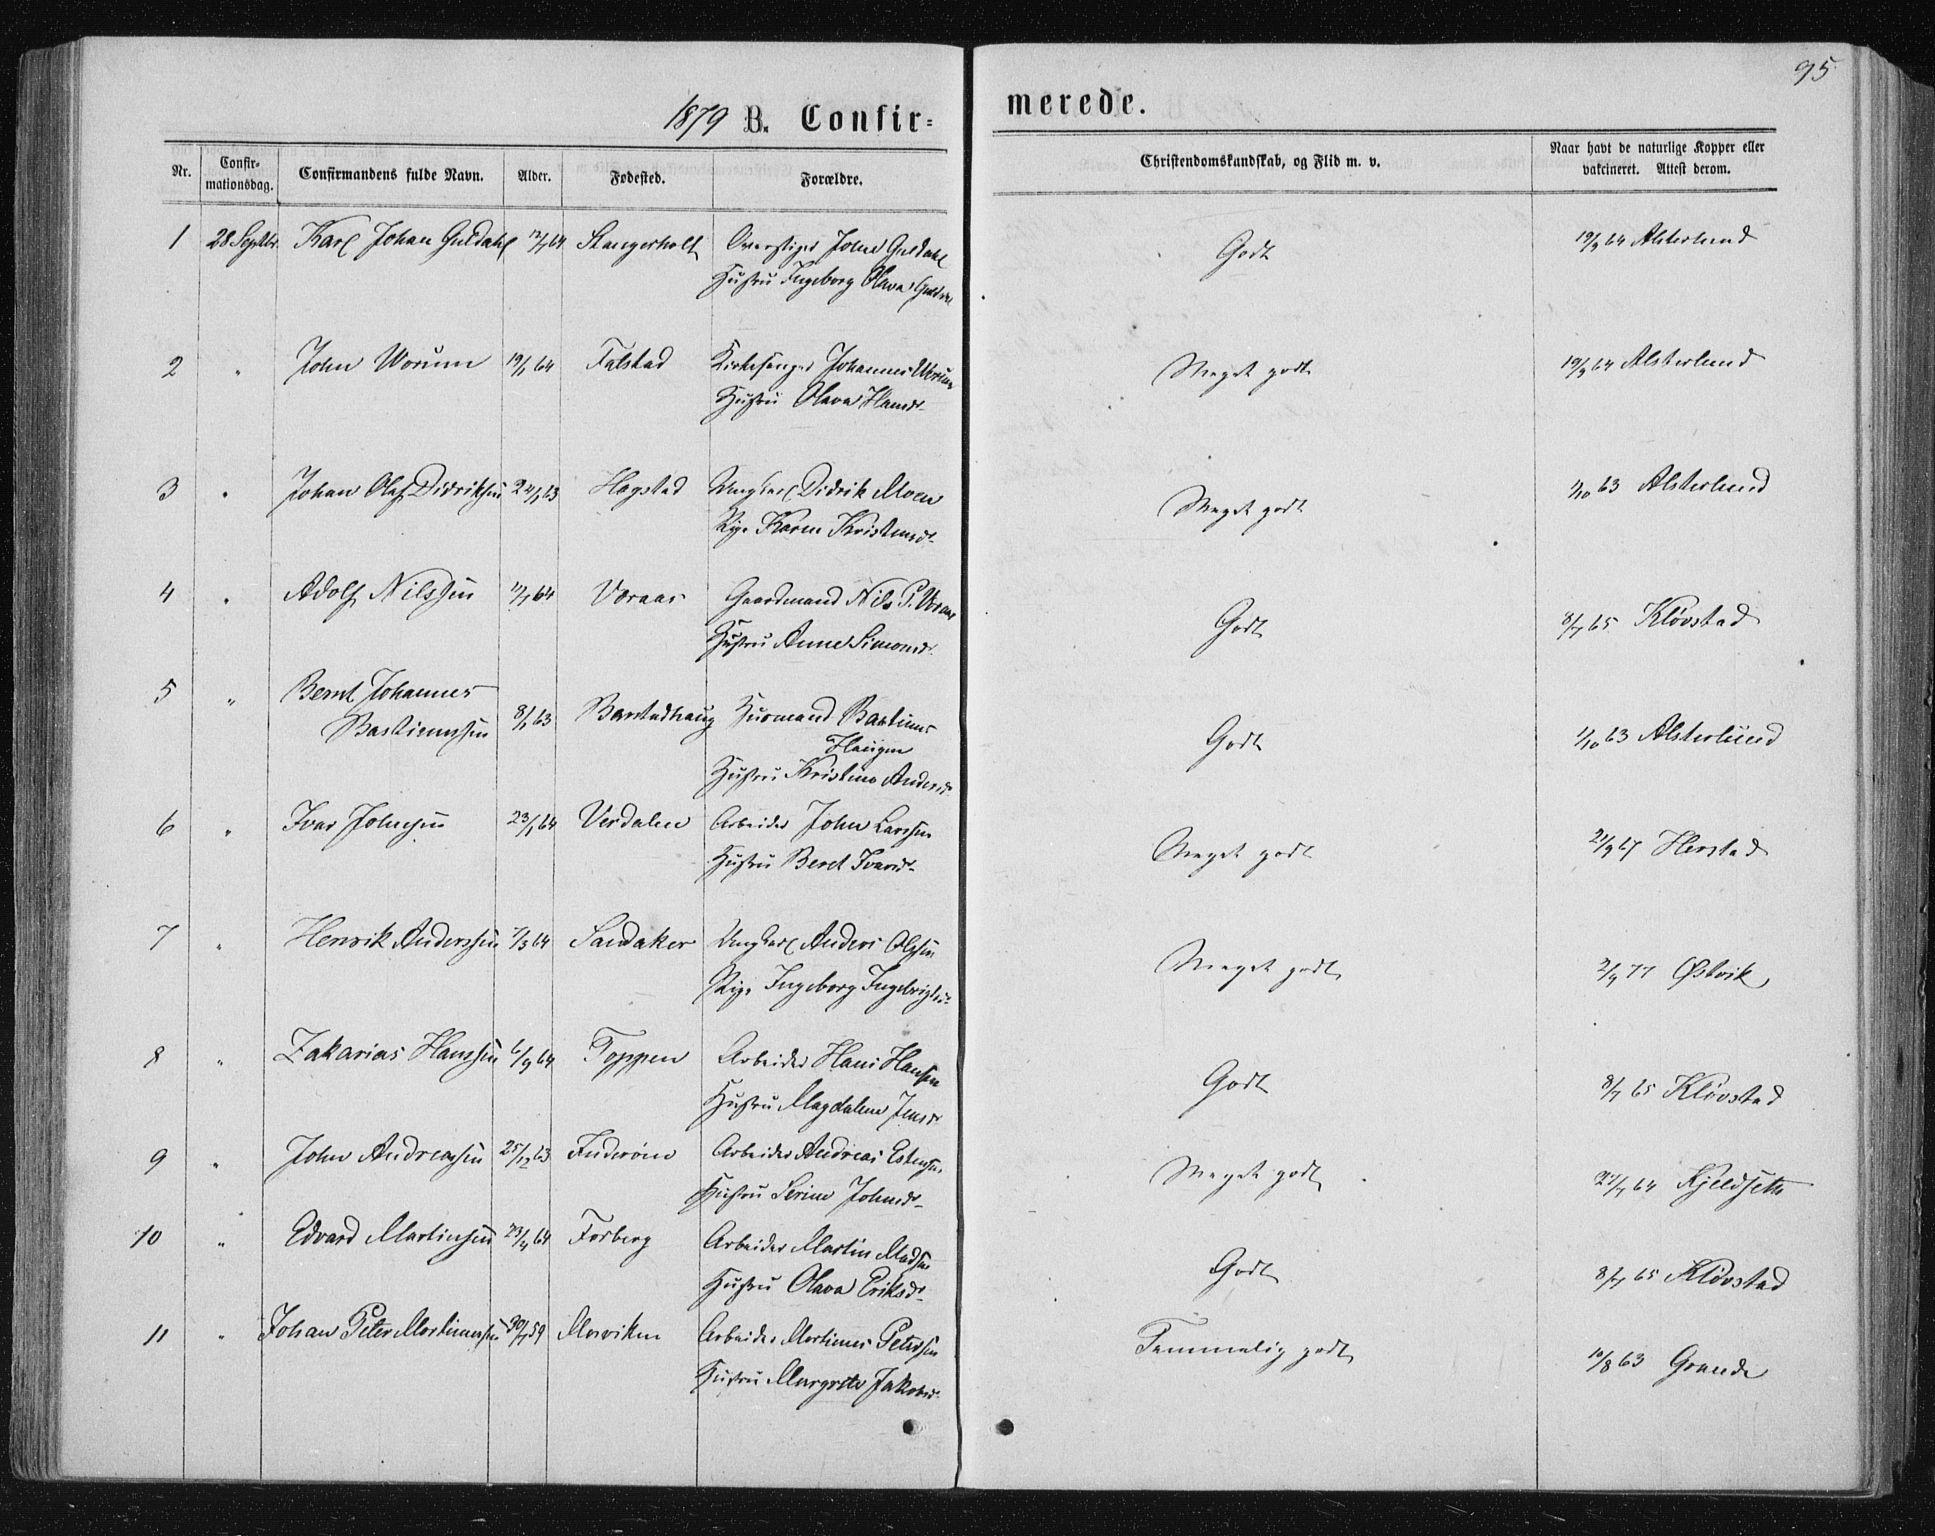 SAT, Ministerialprotokoller, klokkerbøker og fødselsregistre - Nord-Trøndelag, 722/L0219: Ministerialbok nr. 722A06, 1868-1880, s. 95